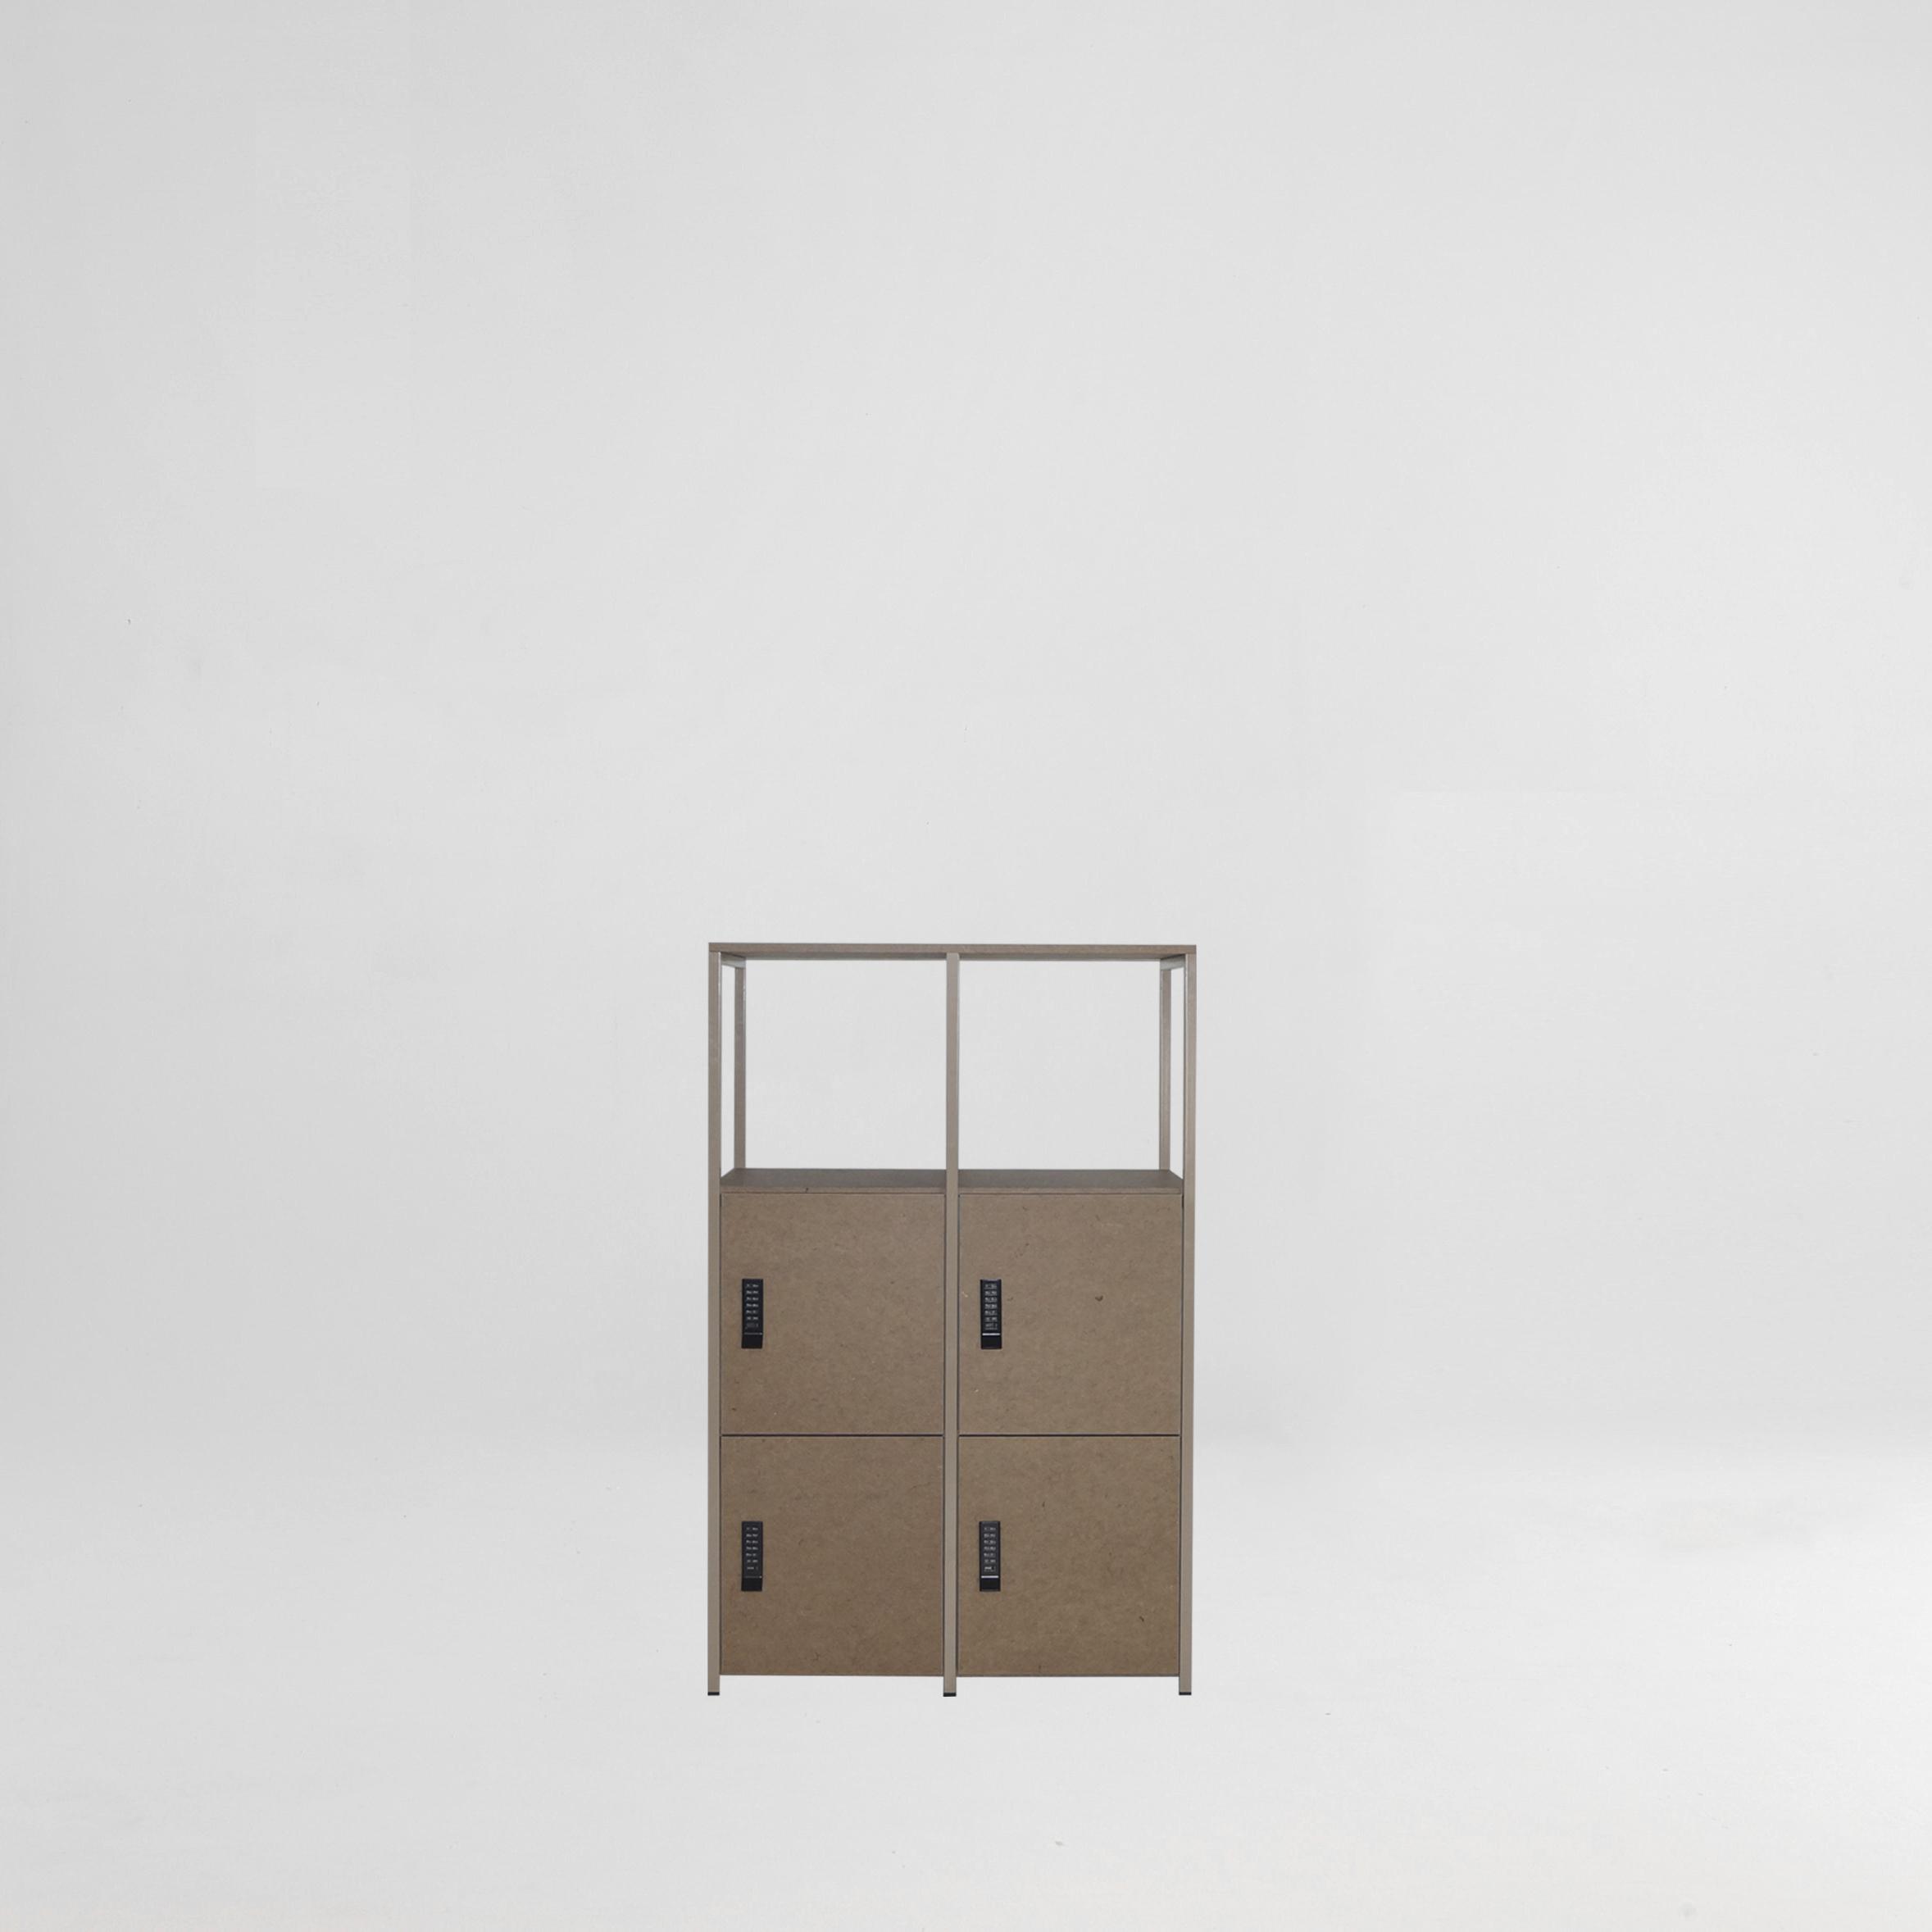 cubics medium